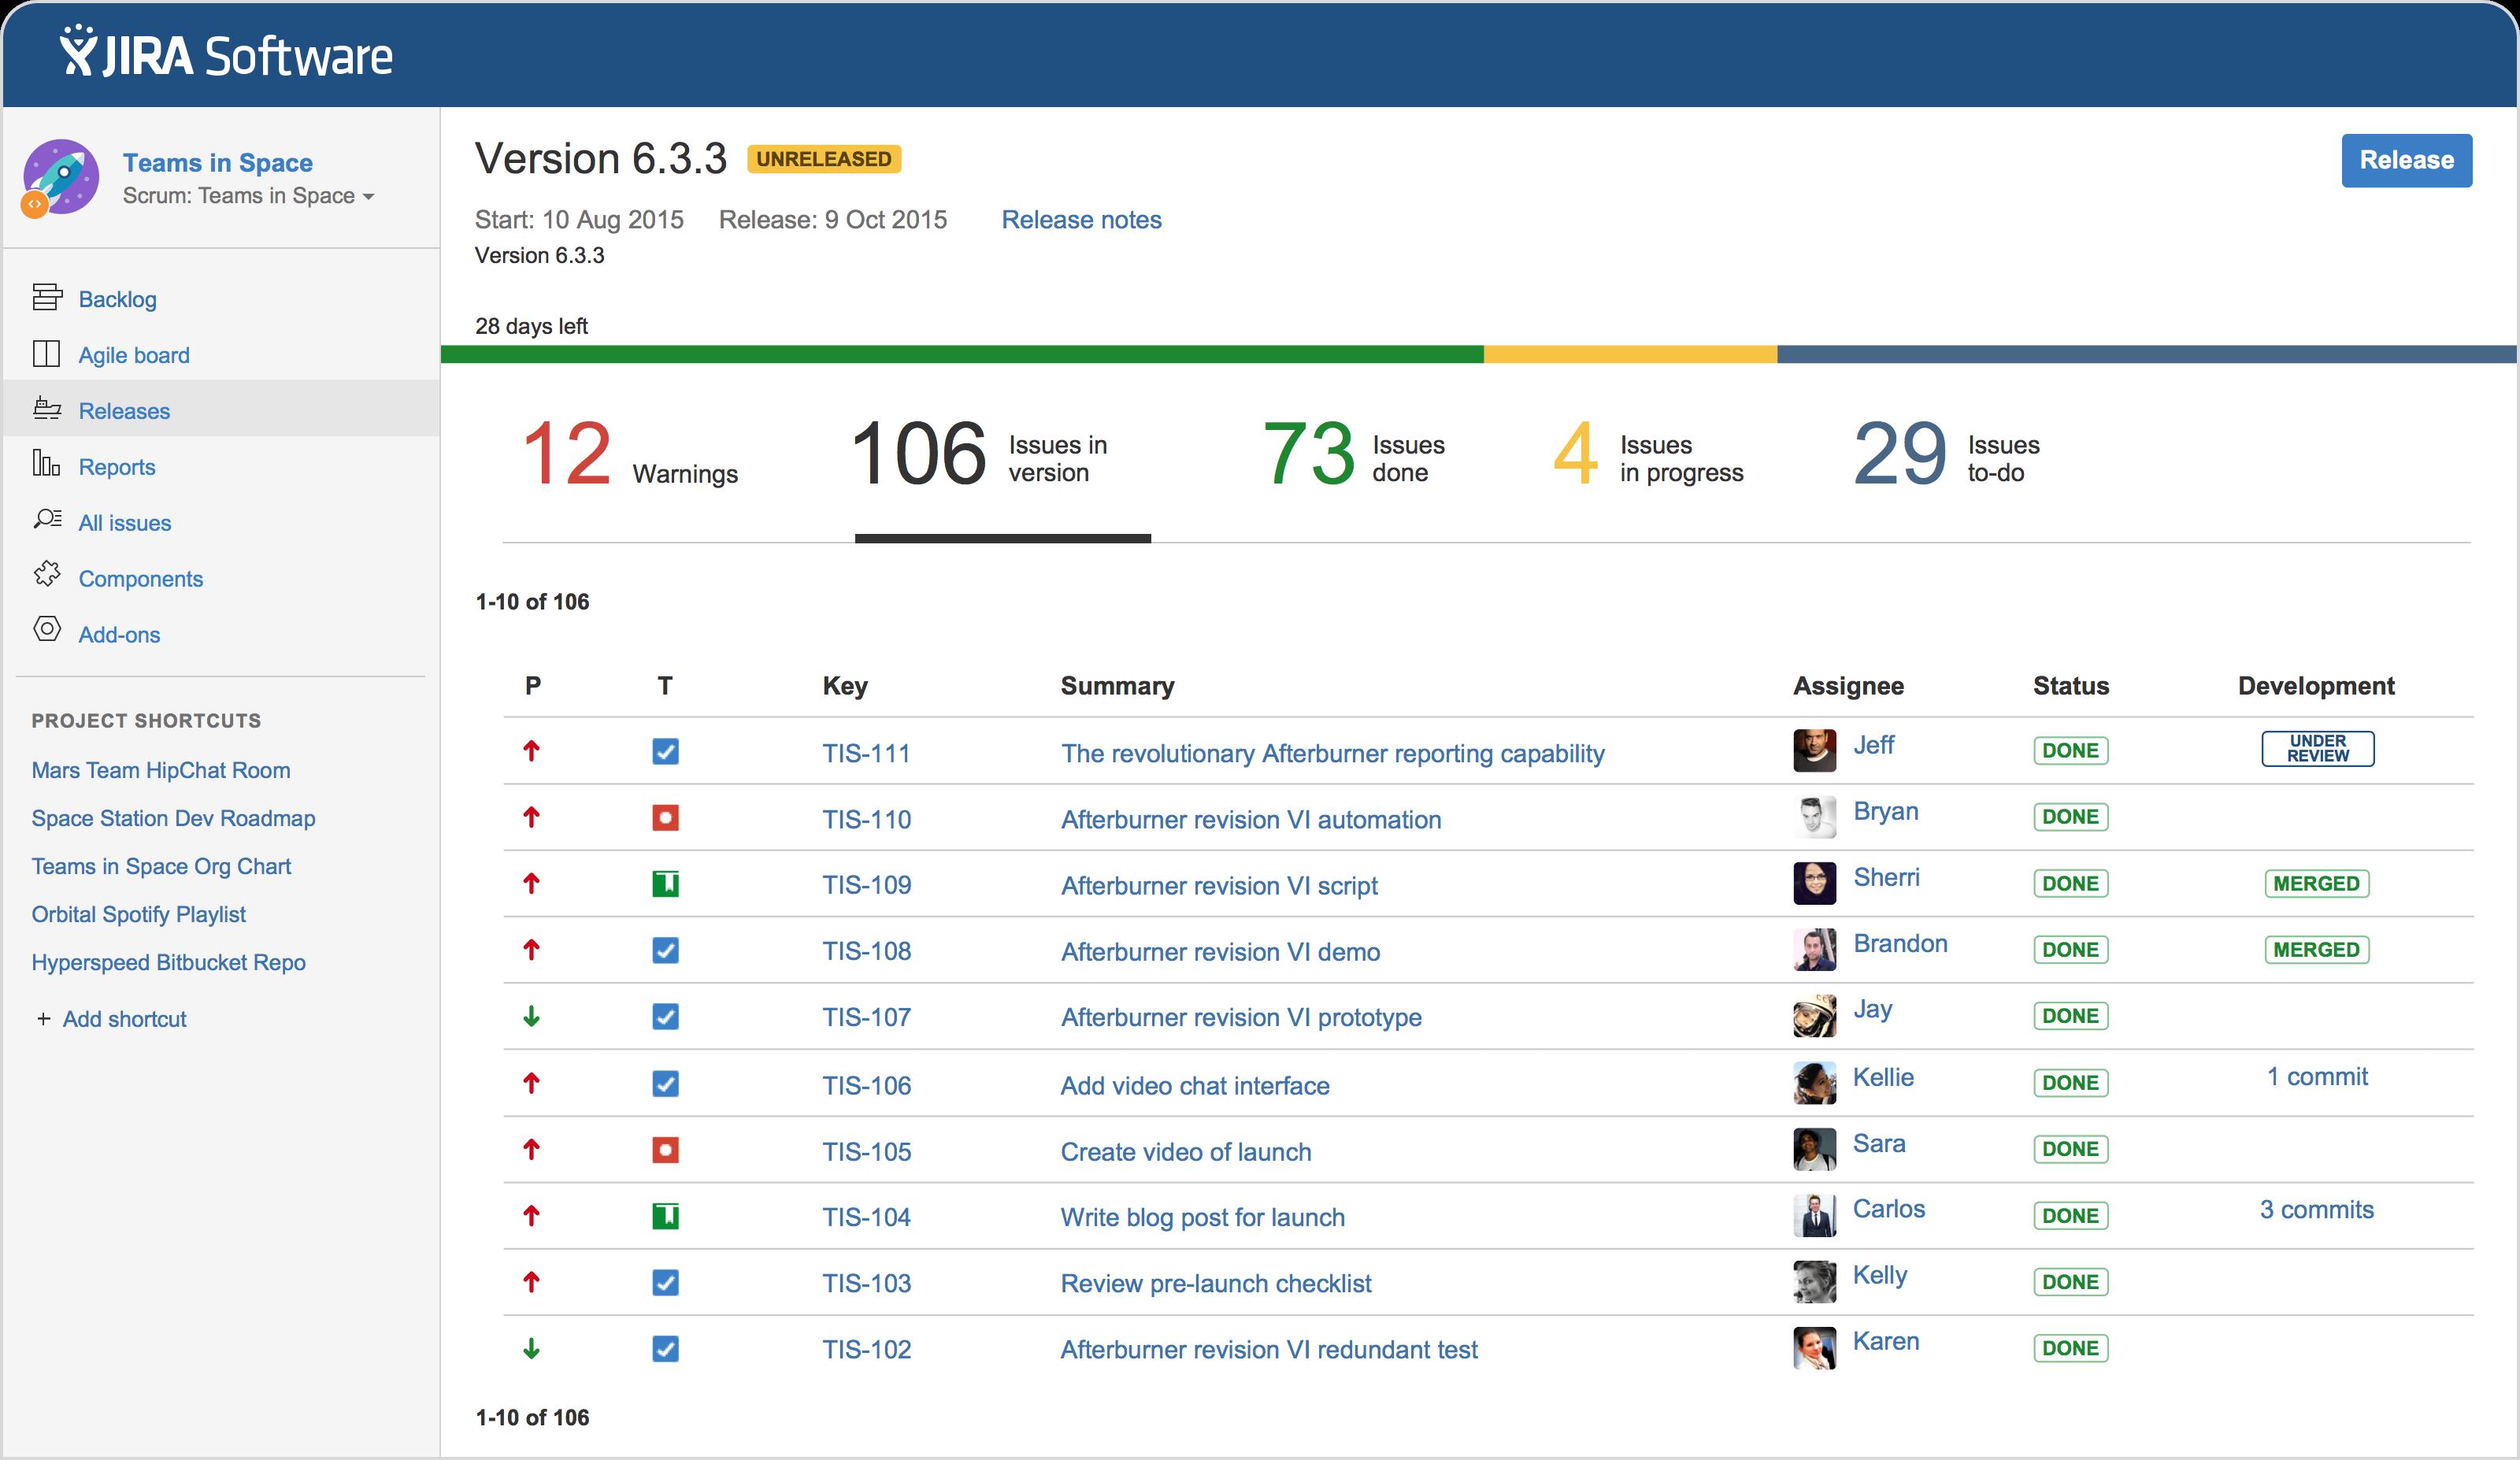 herramienta de gestión de proyectos-jira-software-entregar